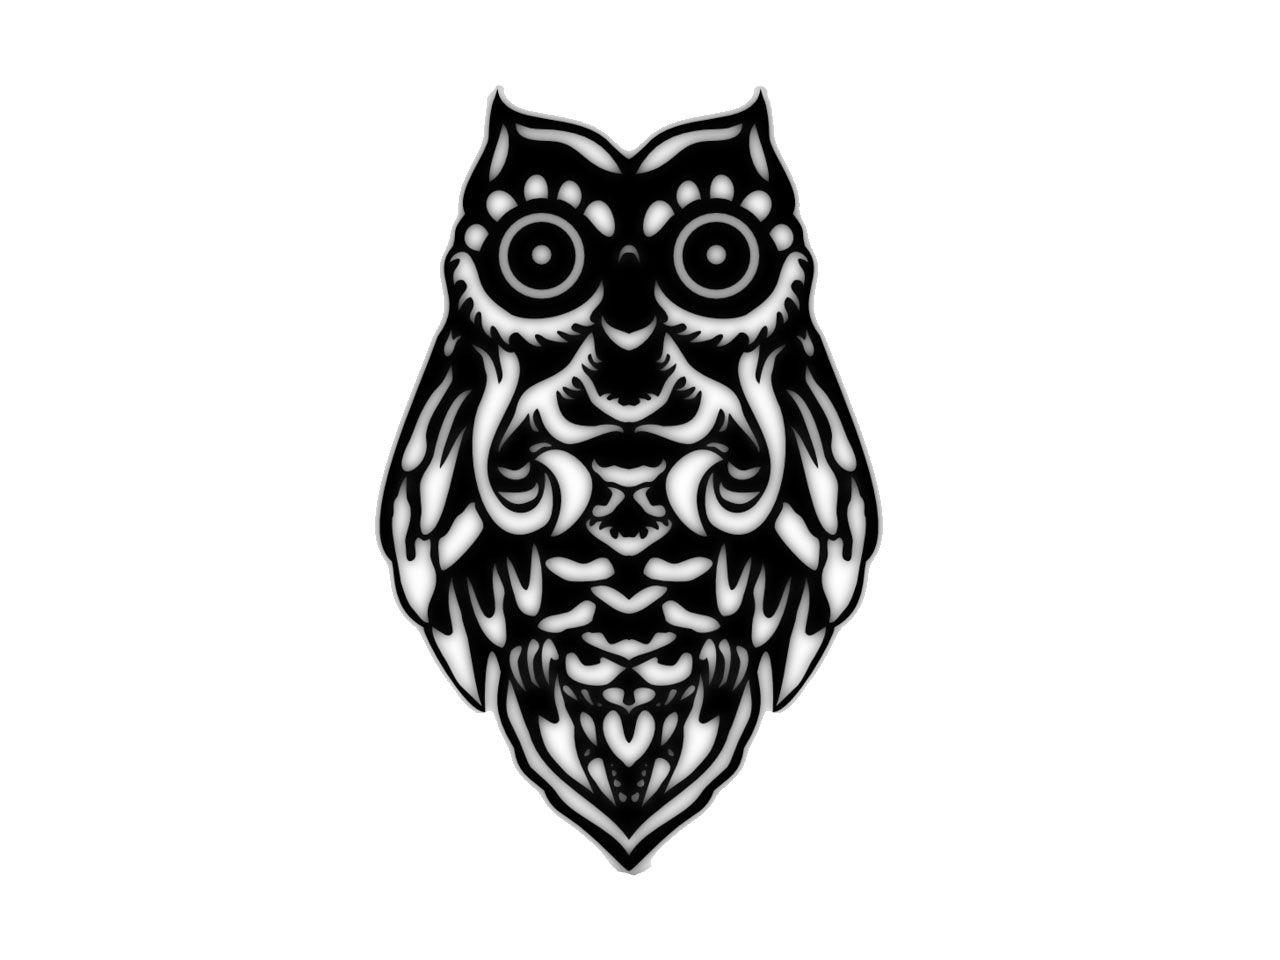 Tribal-Tattoos eb28ffc9b9aeaabcdd4f3b066583cdbe